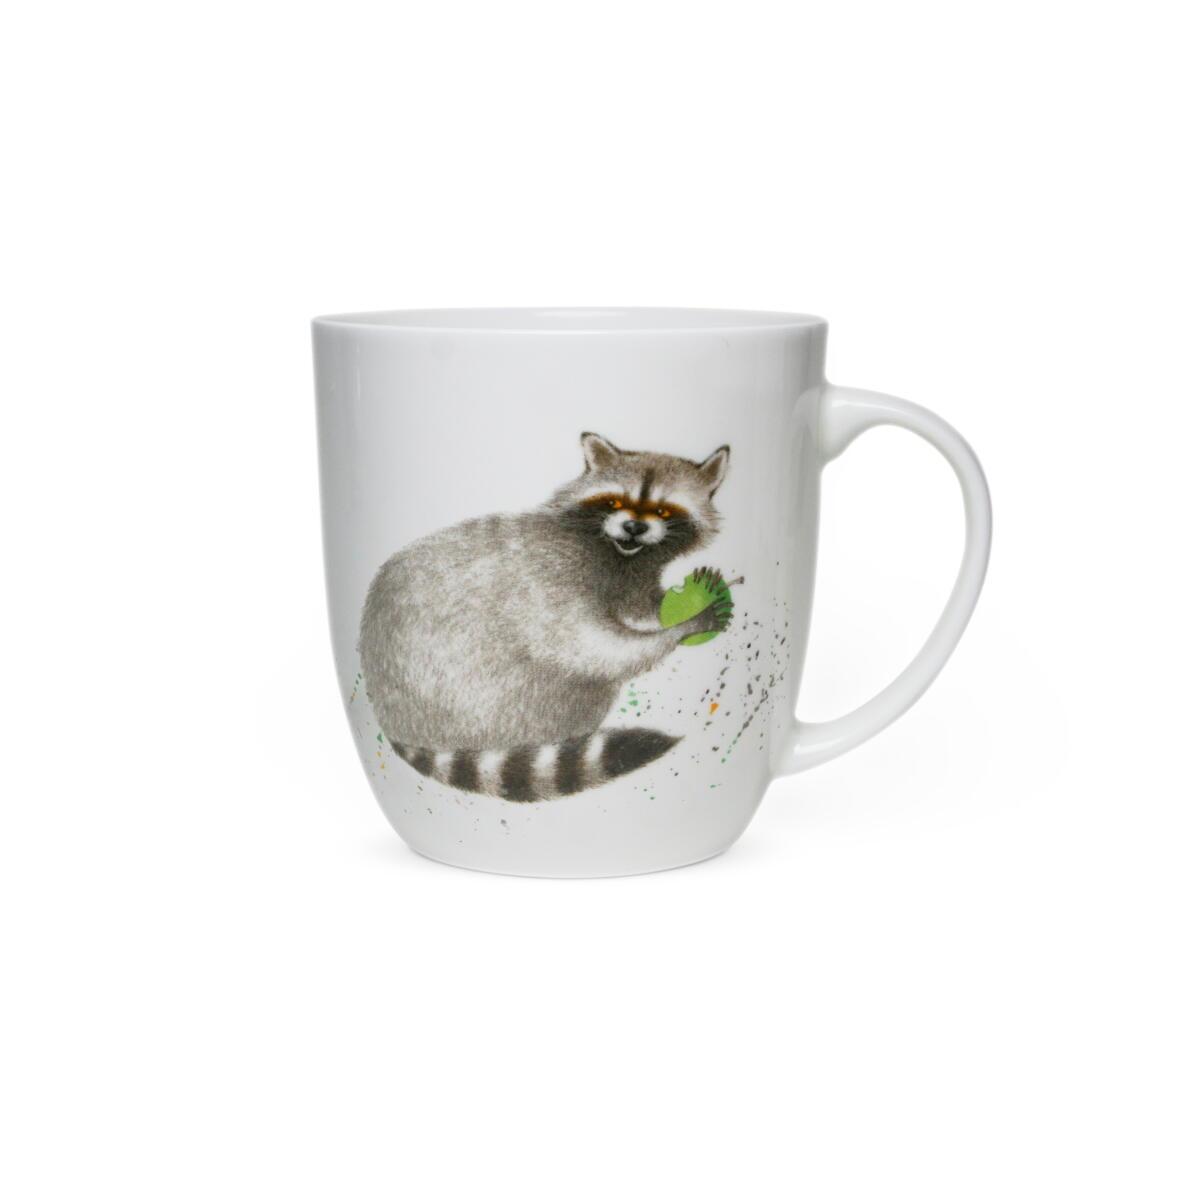 Кружка детская Priority KPC-770 Наглая рыжая морда посуда и инвентарь priority кружка кот матис счастье есть в подарочной коробке 380 мл